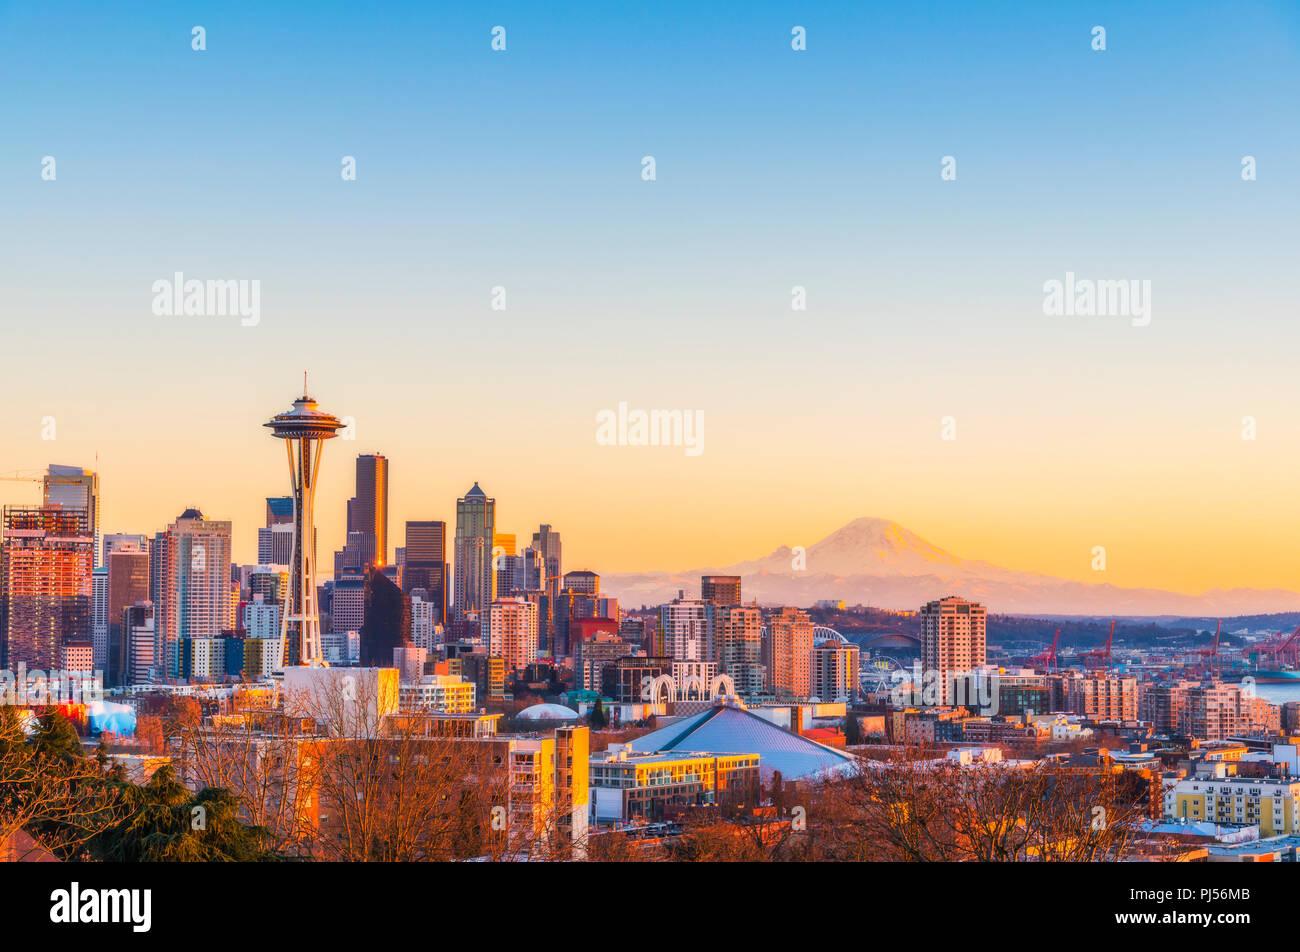 Bella città di Seattle skyline sul tramonto,Washington,Stati Uniti d'America. Immagini Stock